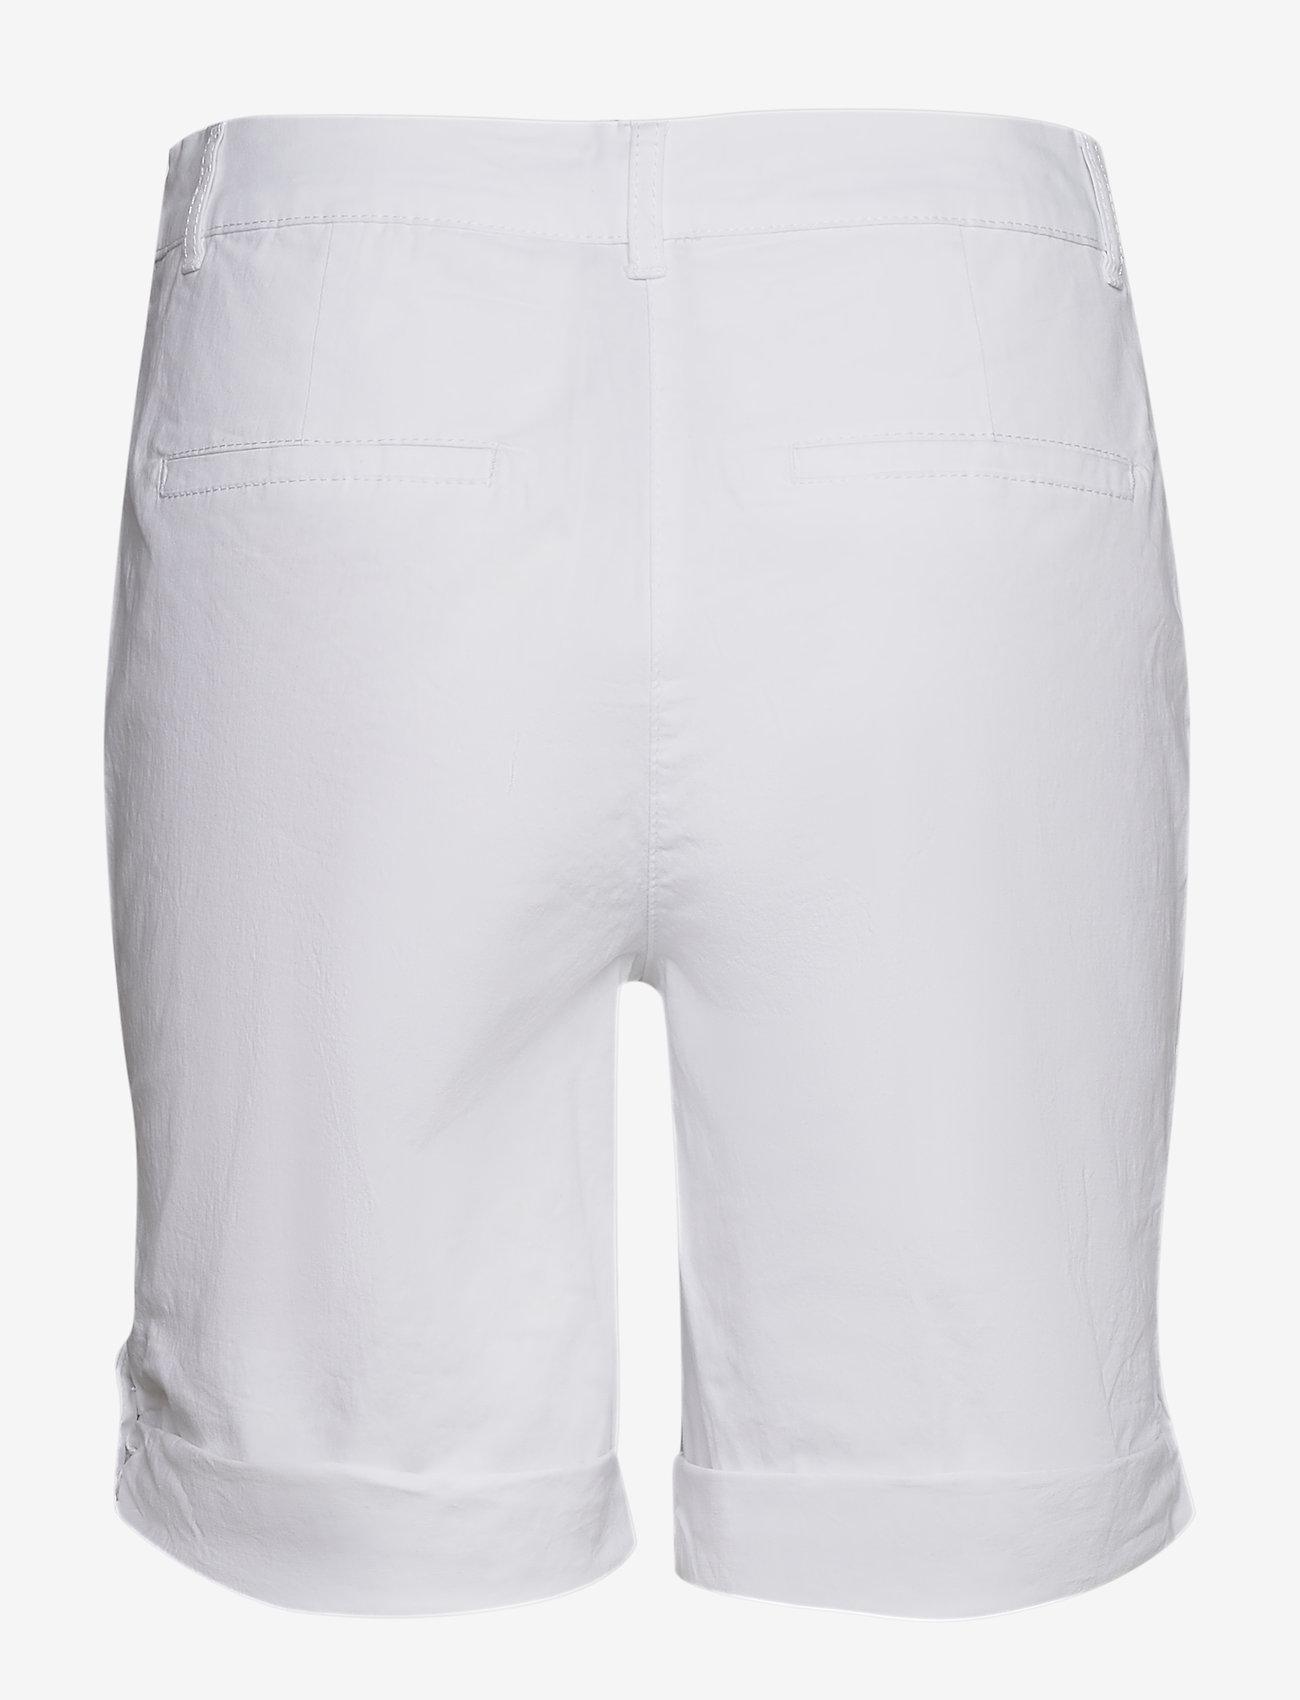 Brandtex - Casual shorts - chino-shortsit - white - 1